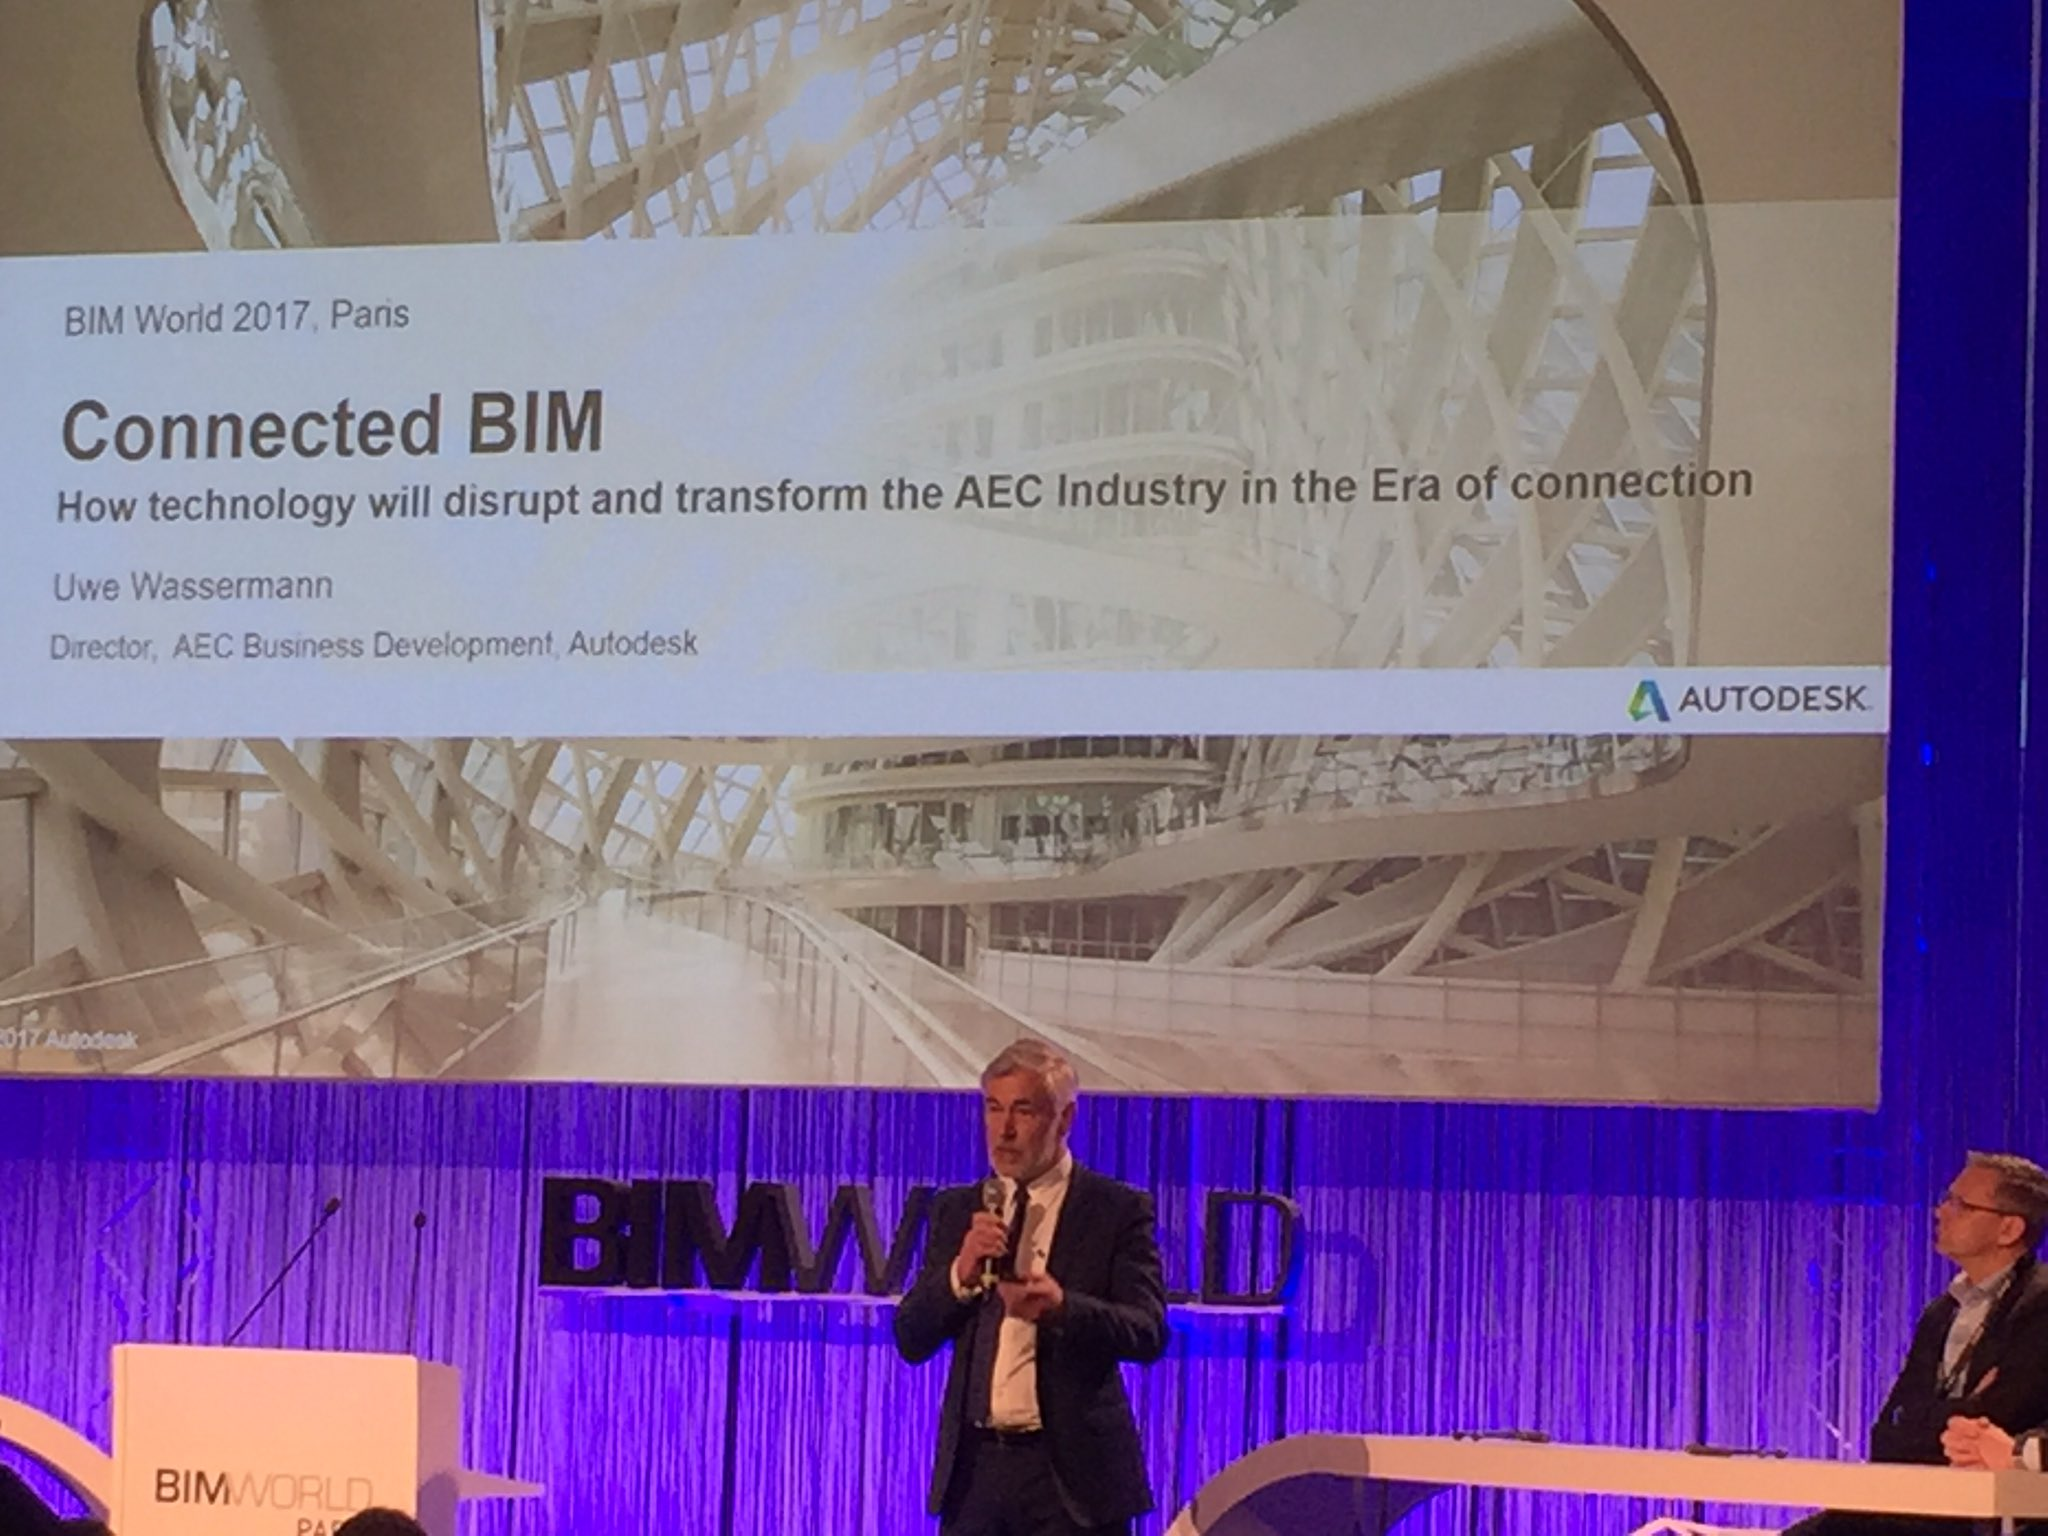 """""""Les grands défis du #BIM et de la transformation numérique"""" keynote #BIMWorld - le BIM connecté par Autodesk https://t.co/c52pCg8ulR"""